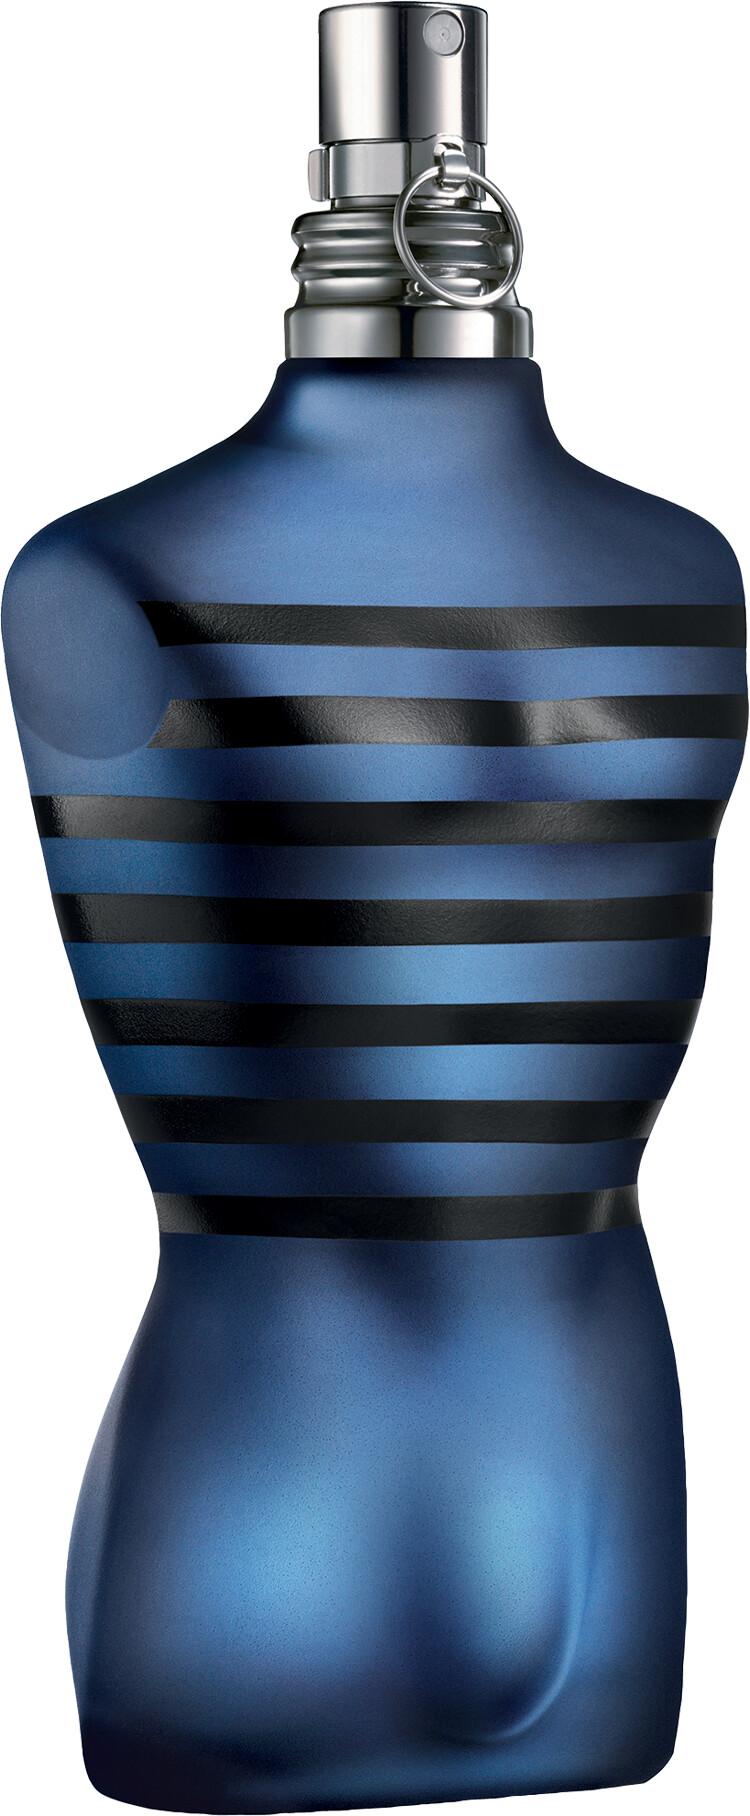 Jean Paul Gaultier Ultra Male Eau de Toilette Spray 125ml